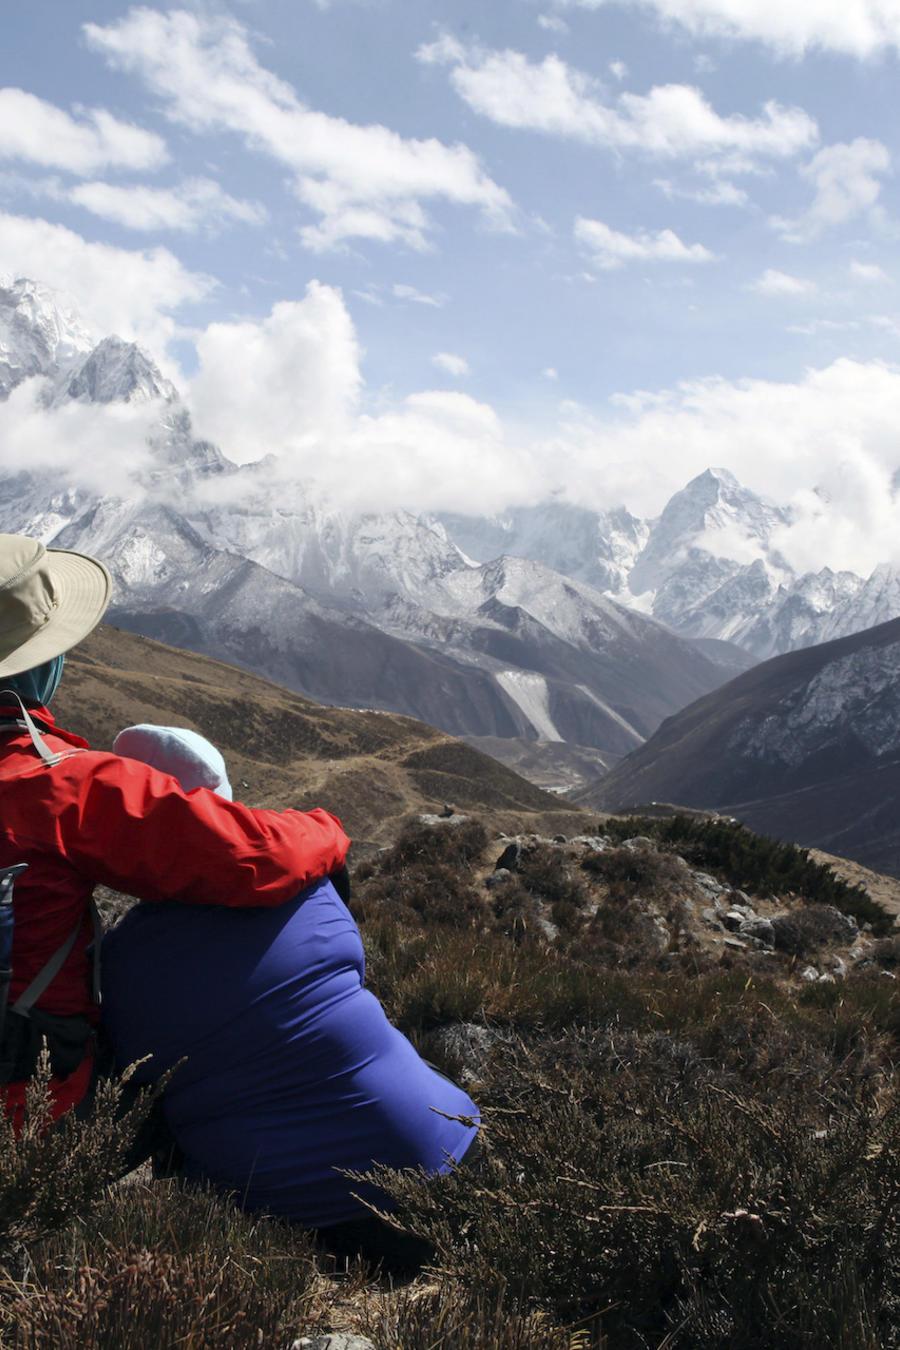 Una pareja contempla los Himalayas en Nepal en una imagen de archivo.